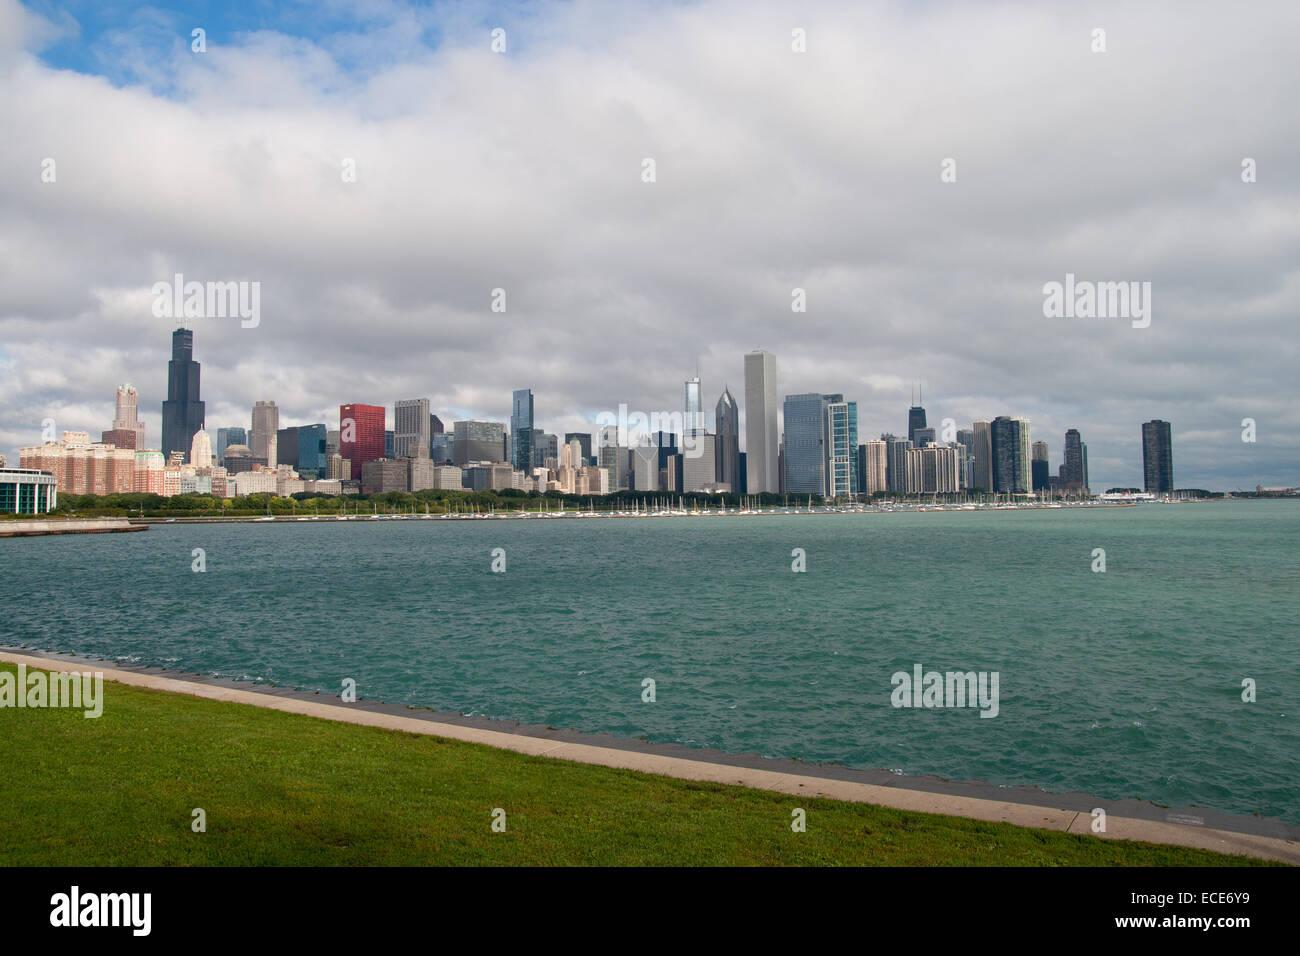 Chicago Skyline Stadt Staedte Gebaeude Haus Haeuser Wolkenkratzer hoch hohe Willis Tower Sears See Teich in Architektur - Stock Image